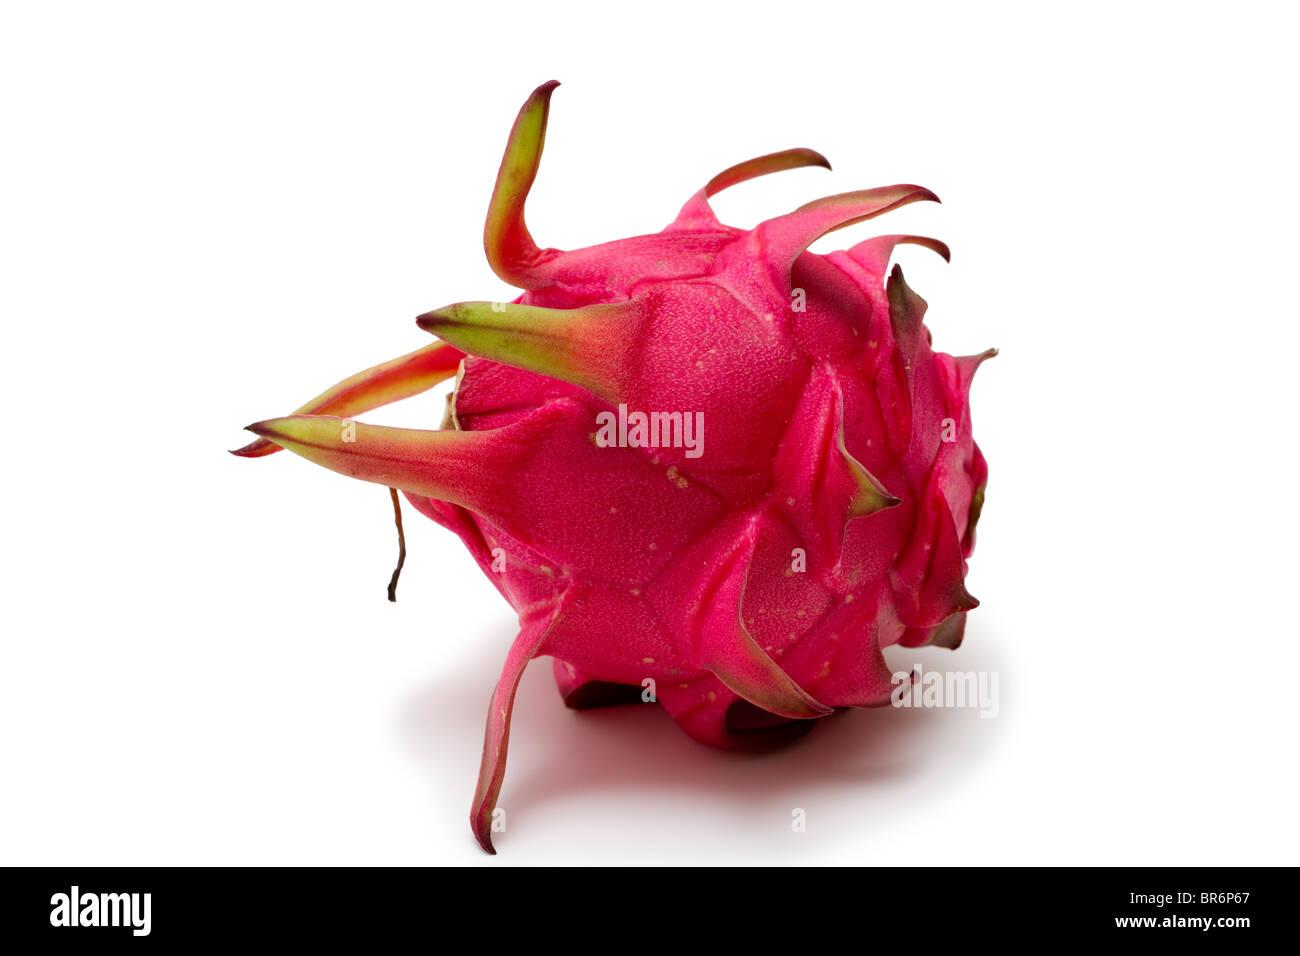 Pitaya O Pitahaya Comunmente Se Conoce Como Dragonfruit Esta